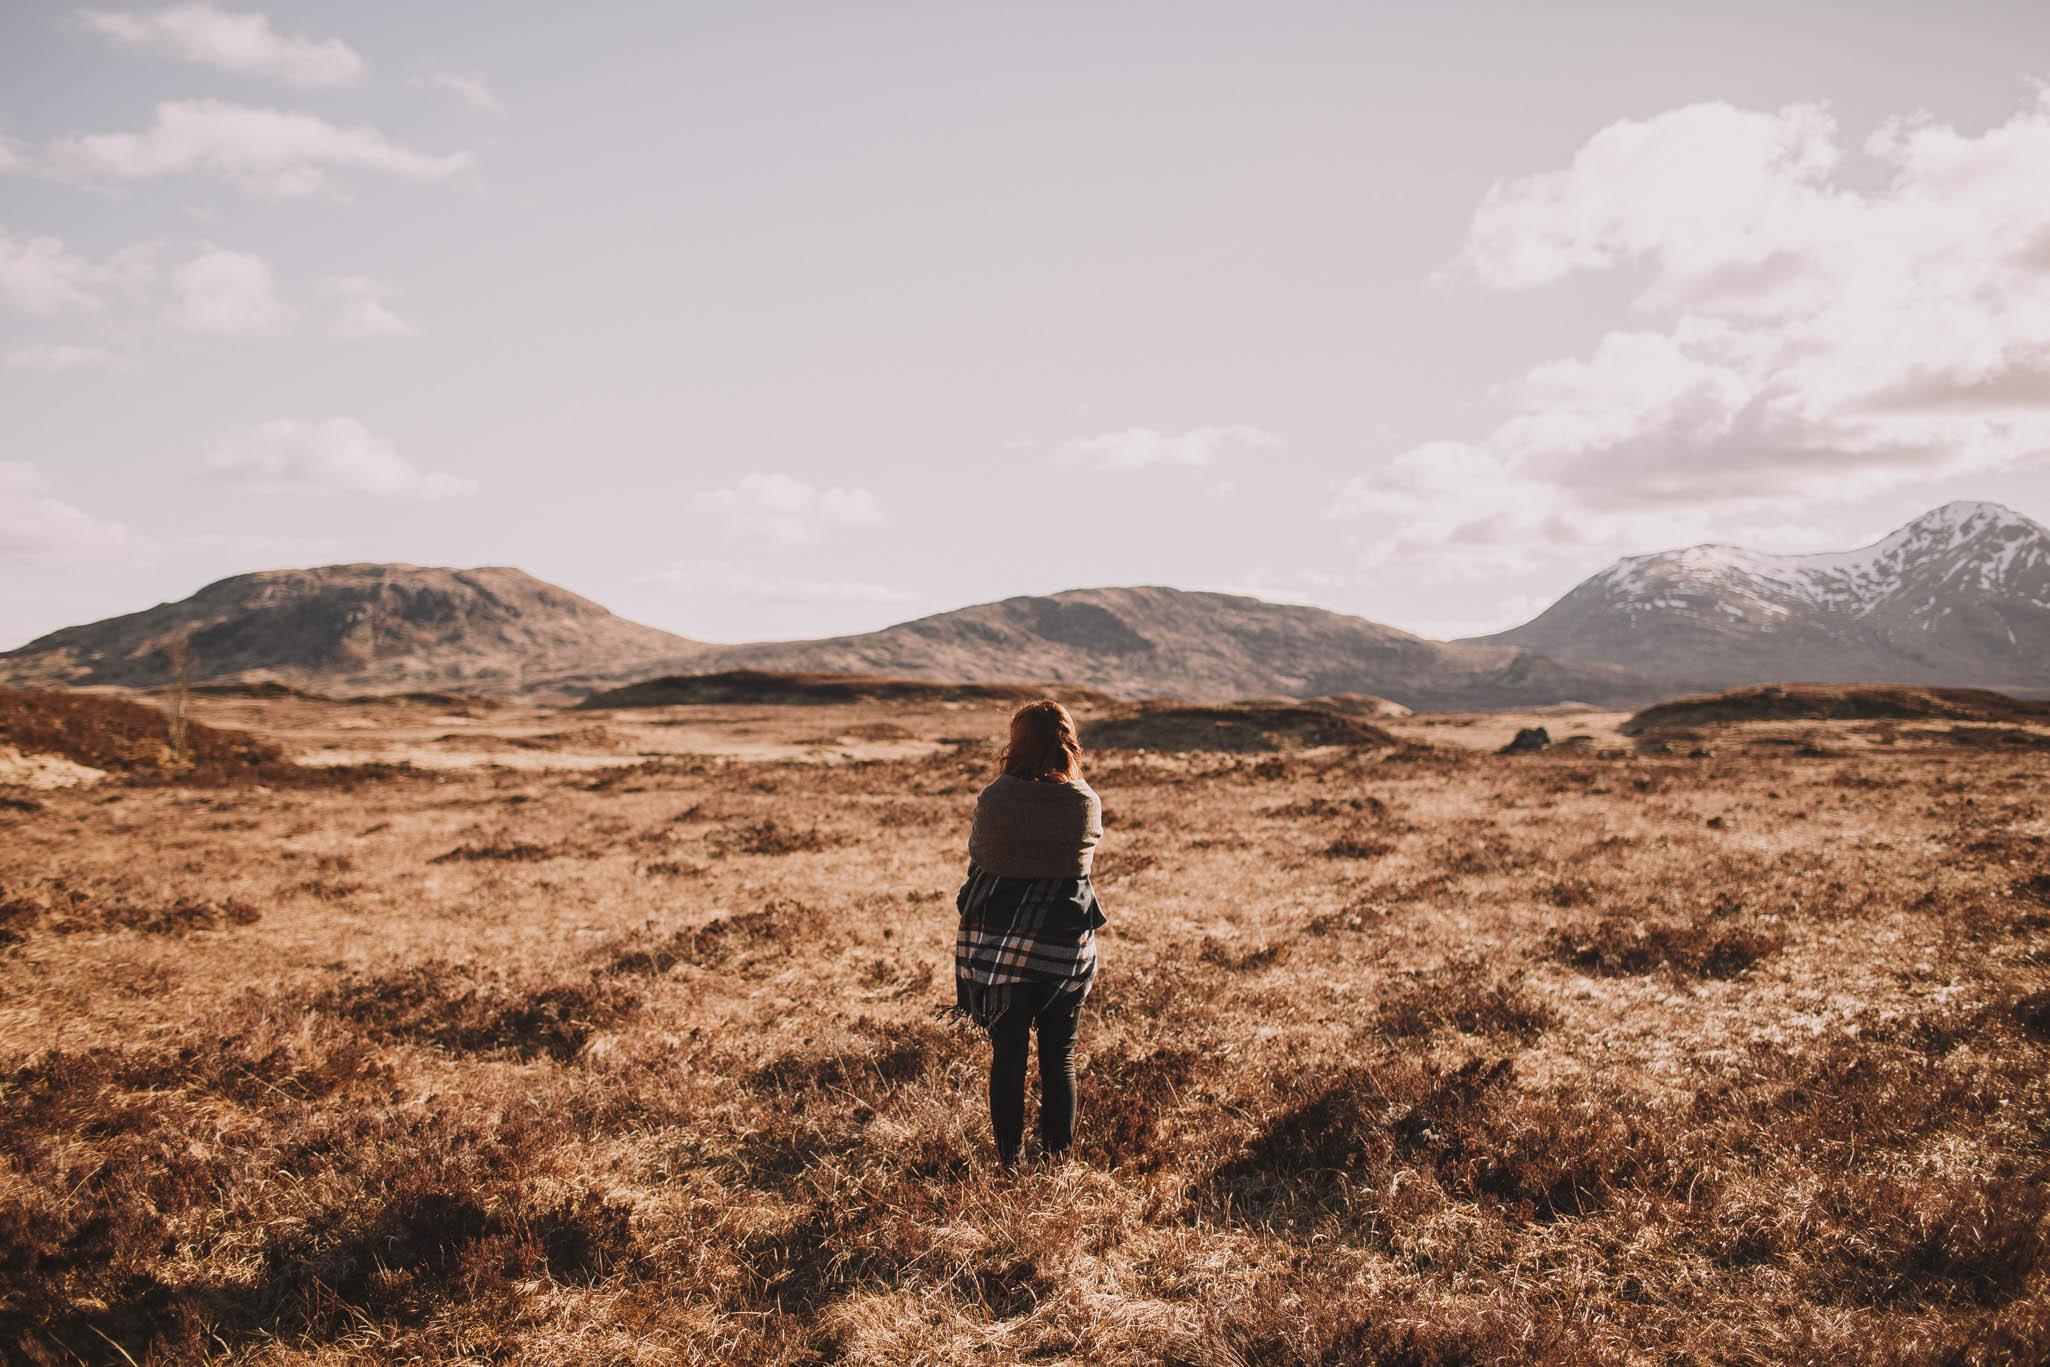 Scotland-wedding-photographer-jeremy-boyer-photographe-mariage-ecosse-voyage-road-trip-travel-29.jpg